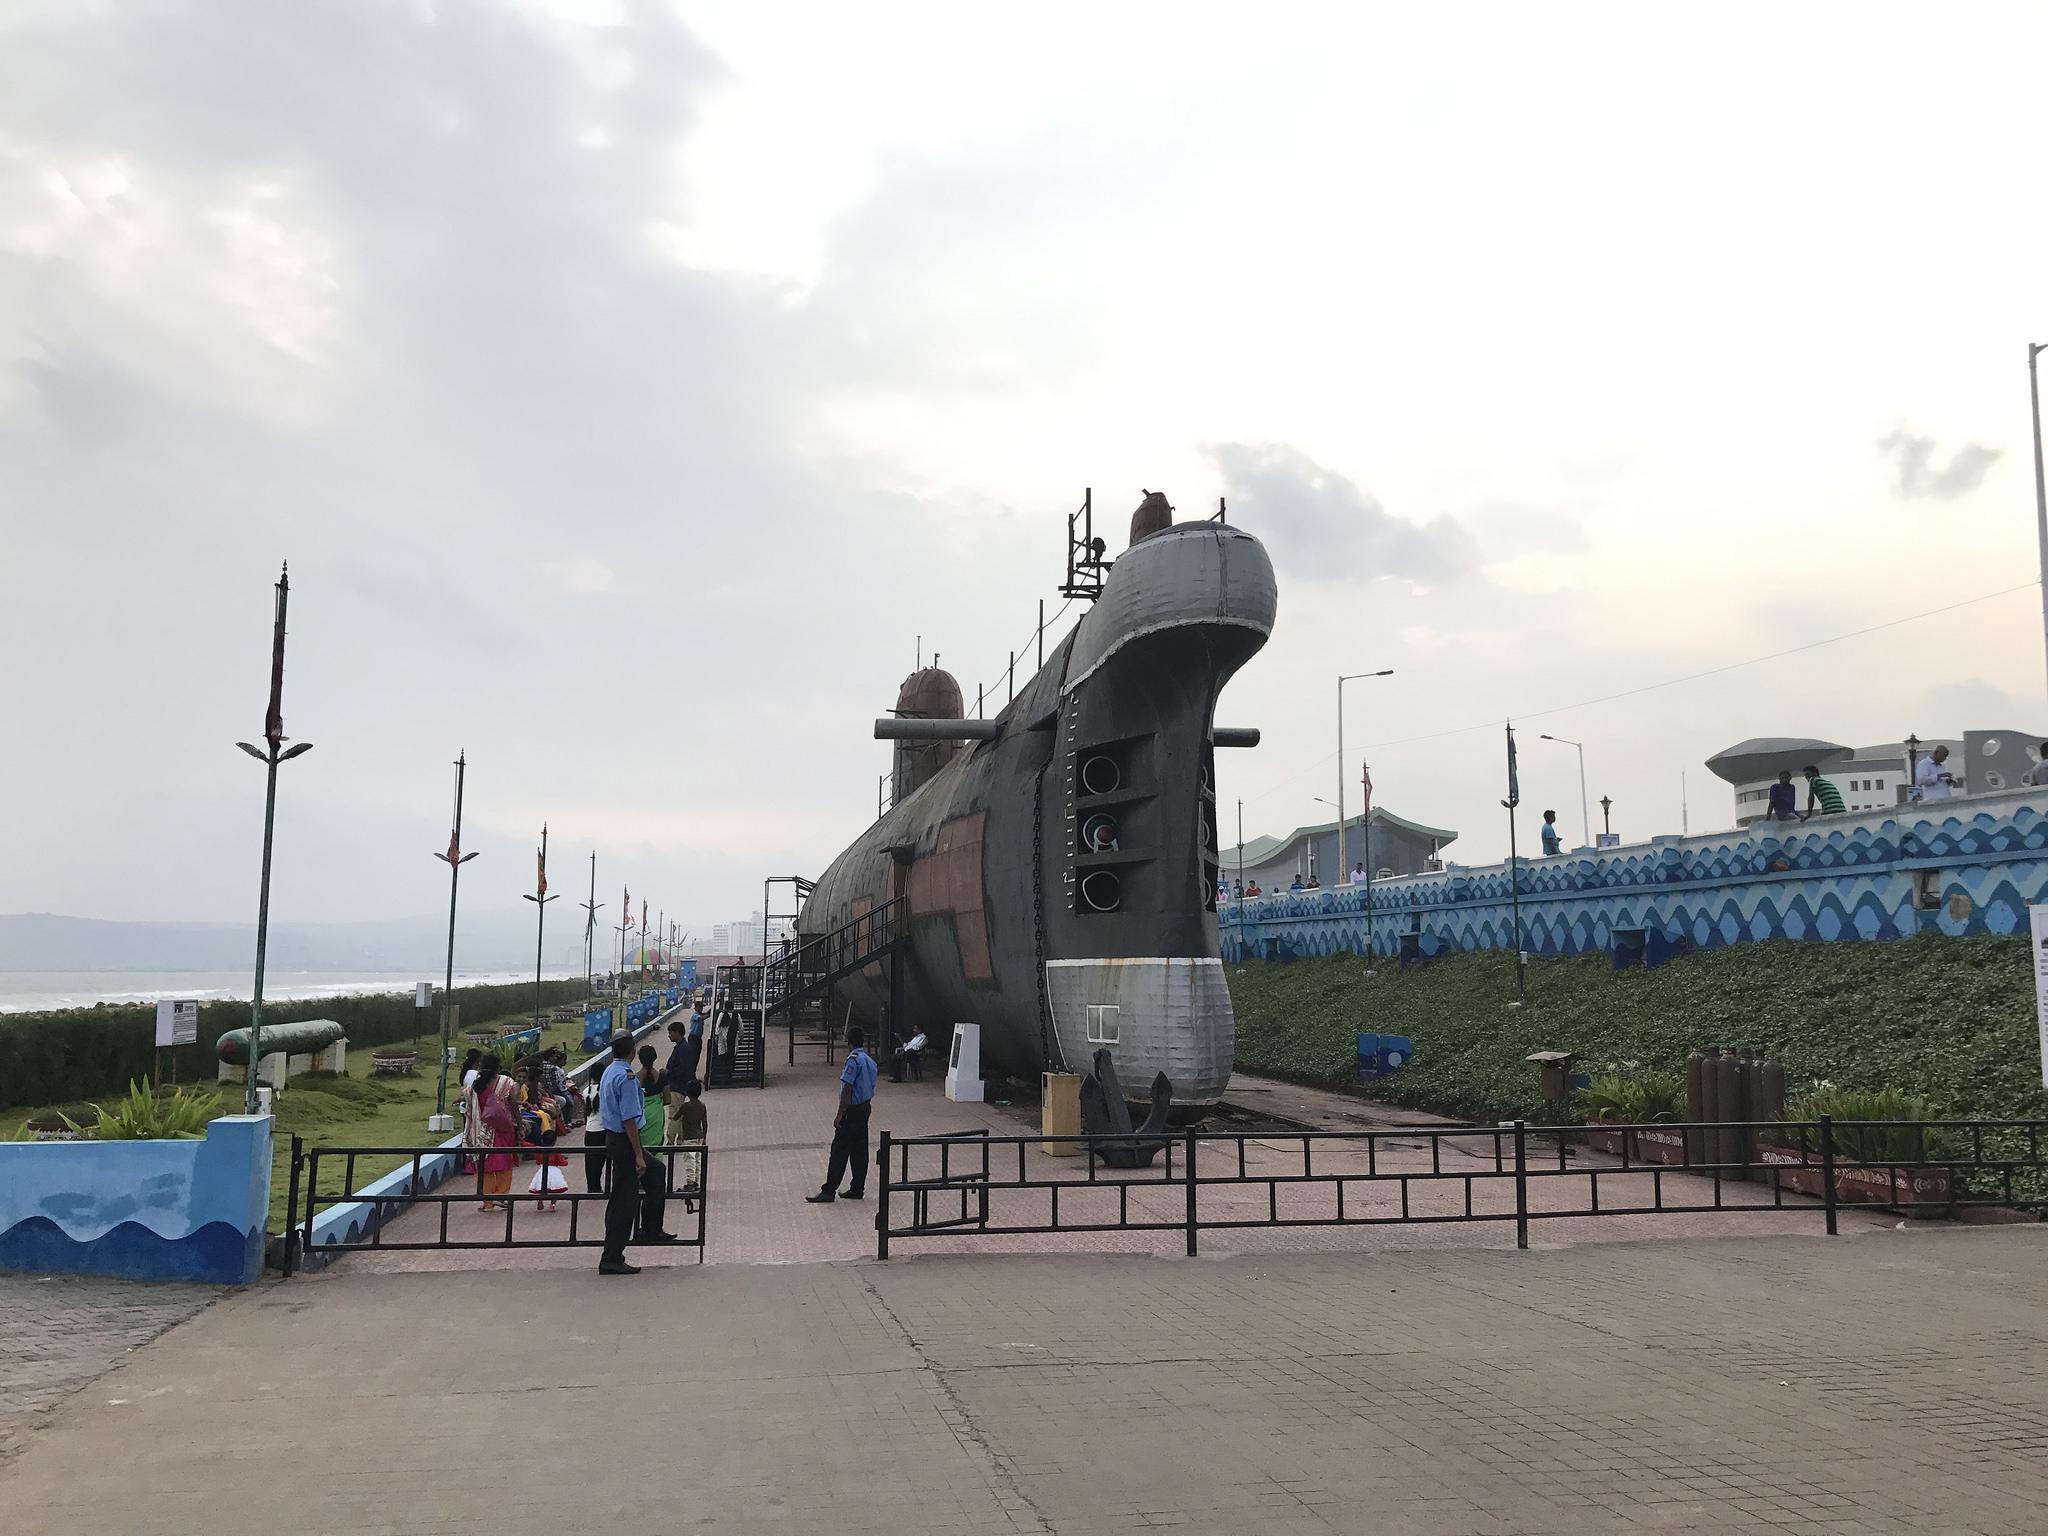 Kursura Submarine Museum Visakhapatnam